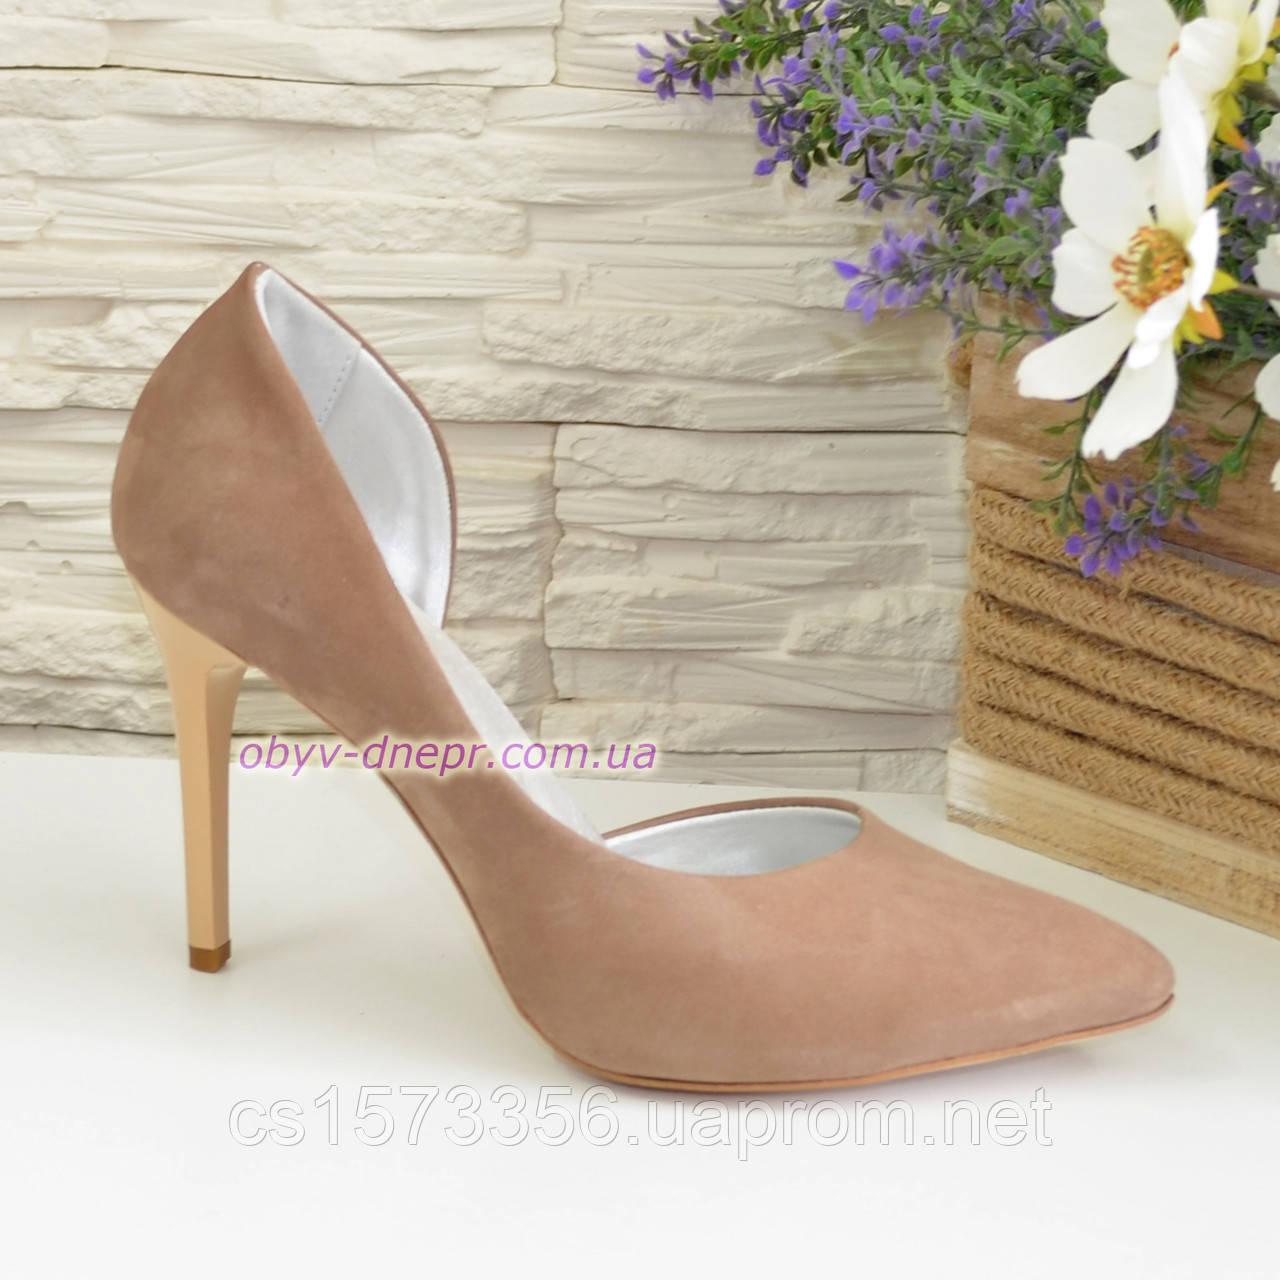 Женские туфли на шпильке, бежевый нубук